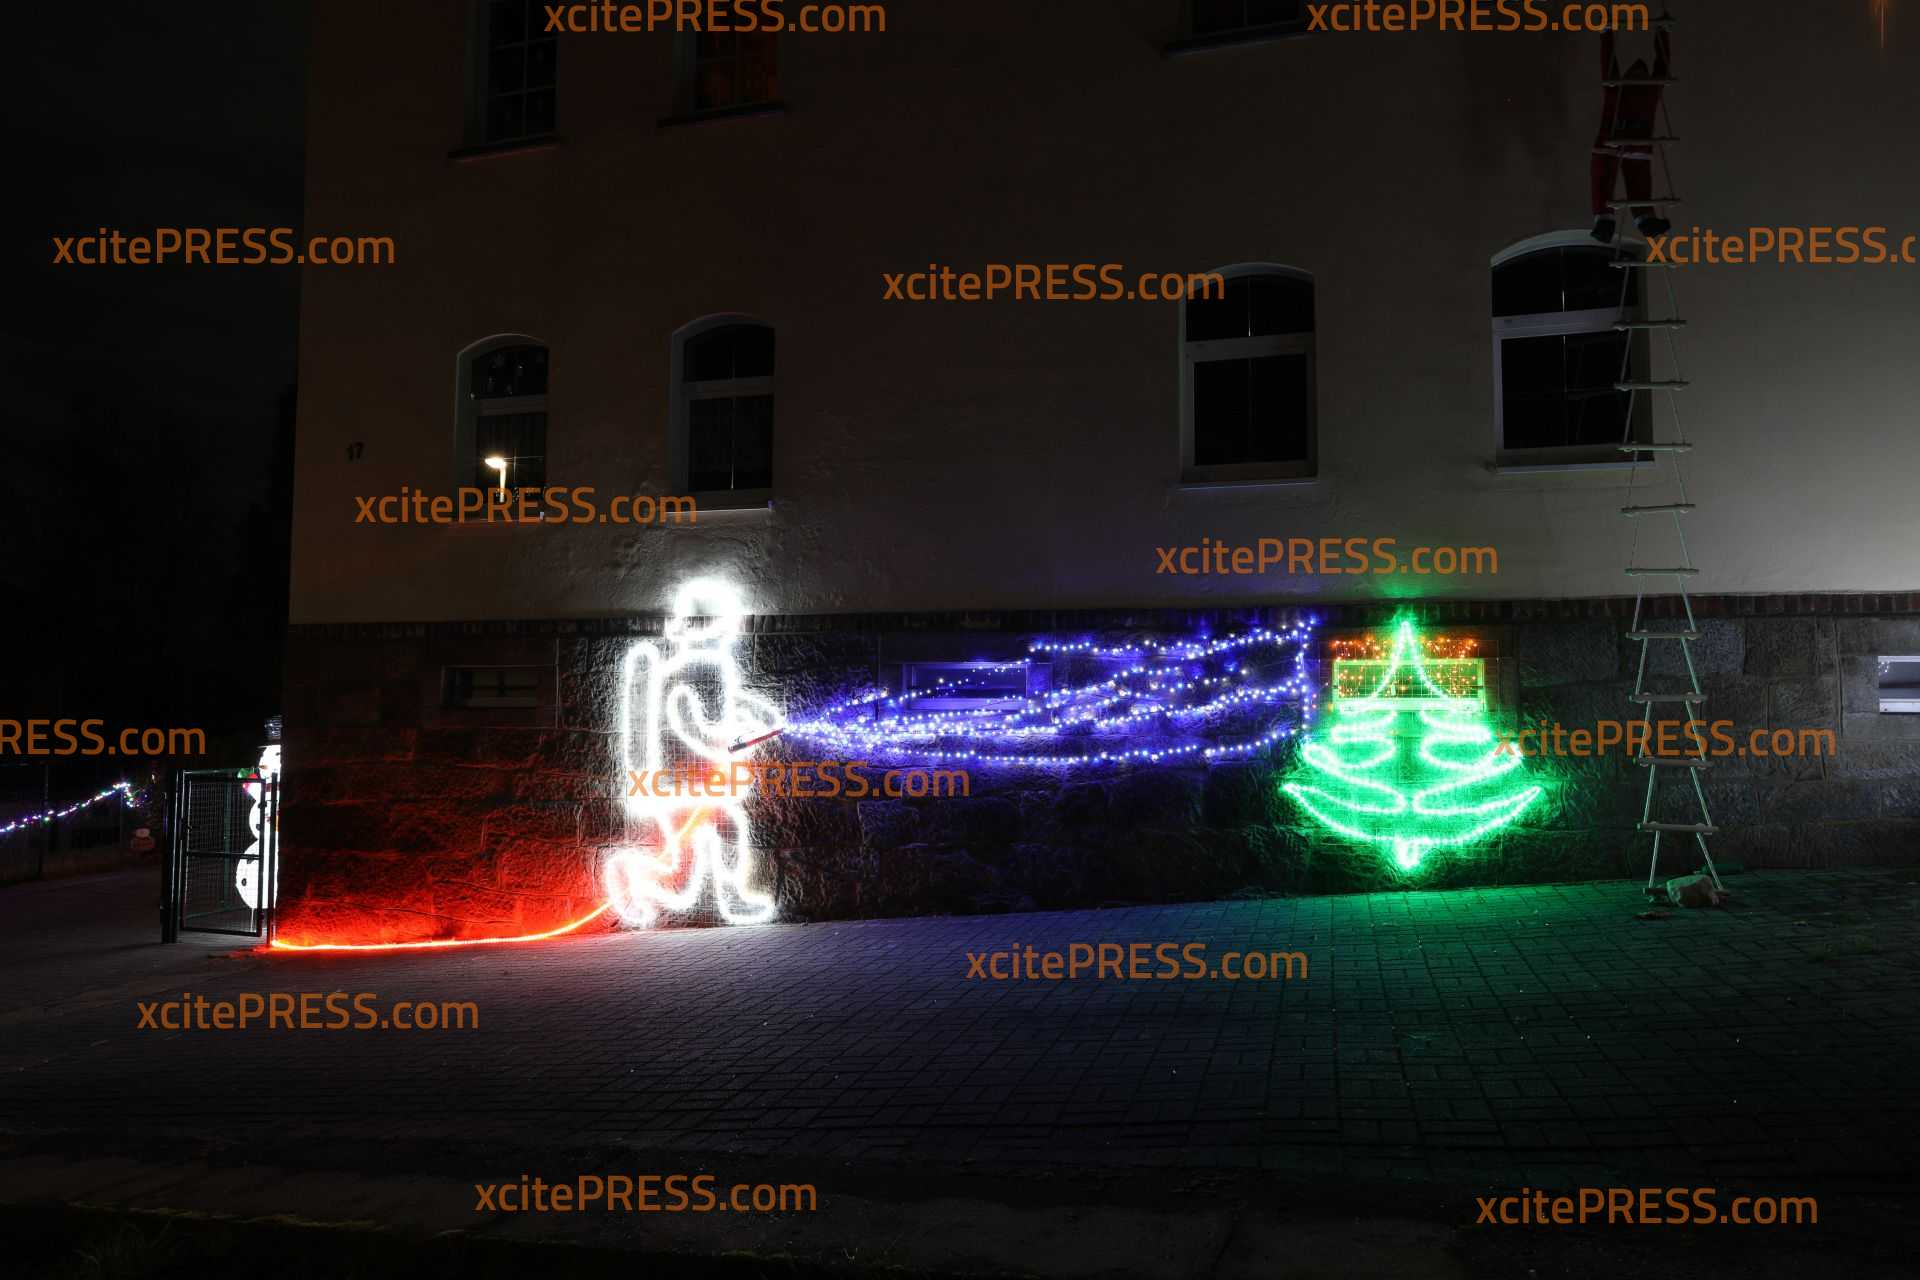 Kreative Weihnachtsdekoration aus Lichterschläuchen: Feuerwehrmann löscht brennenden Weihnachtsbaum